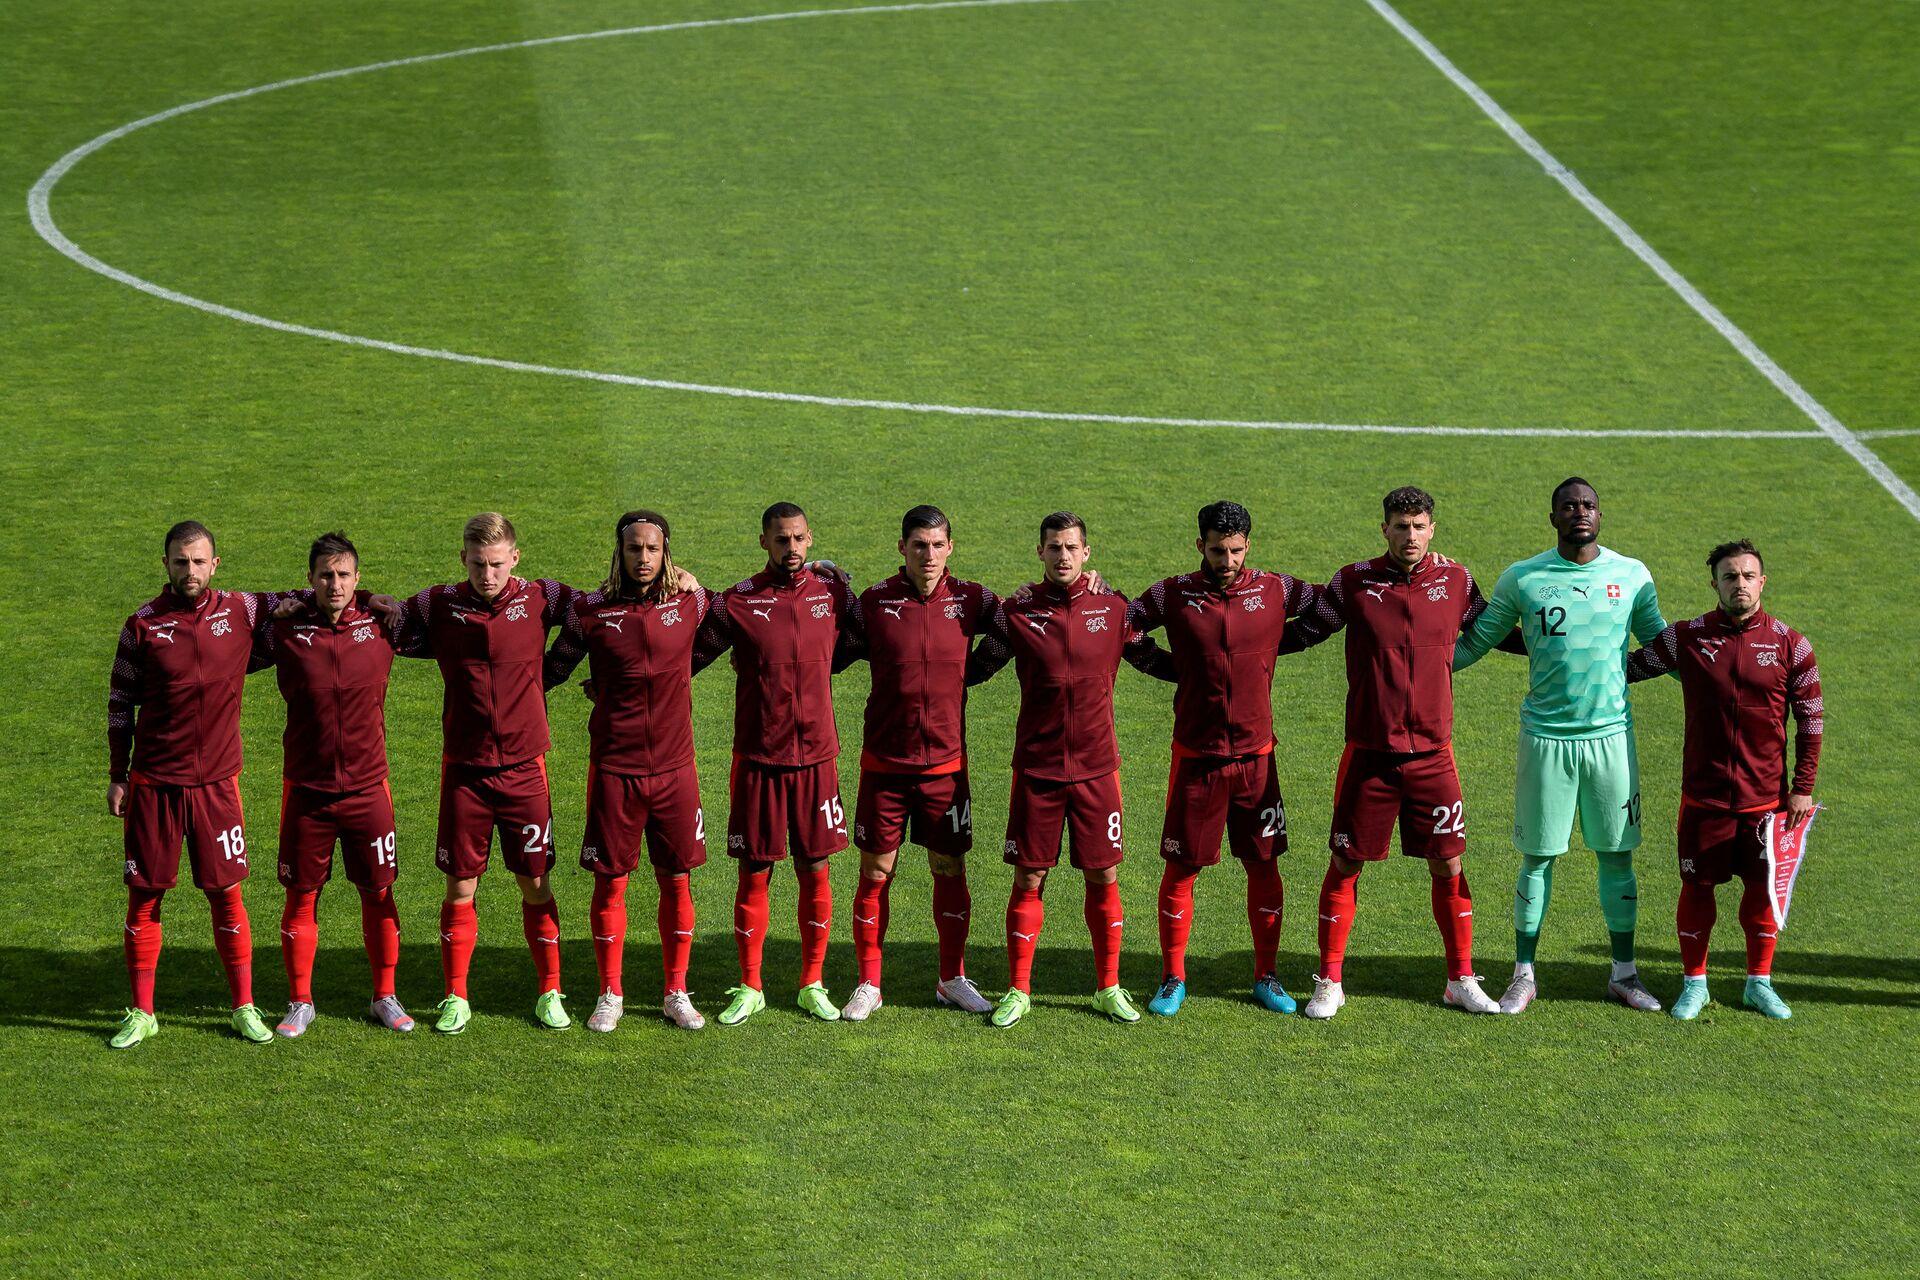 Huấn luyện viên trưởng đội tuyển quốc gia Ý nêu ra ứng viên chính cho chức vô địch Euro-2020 - Sputnik Việt Nam, 1920, 08.06.2021